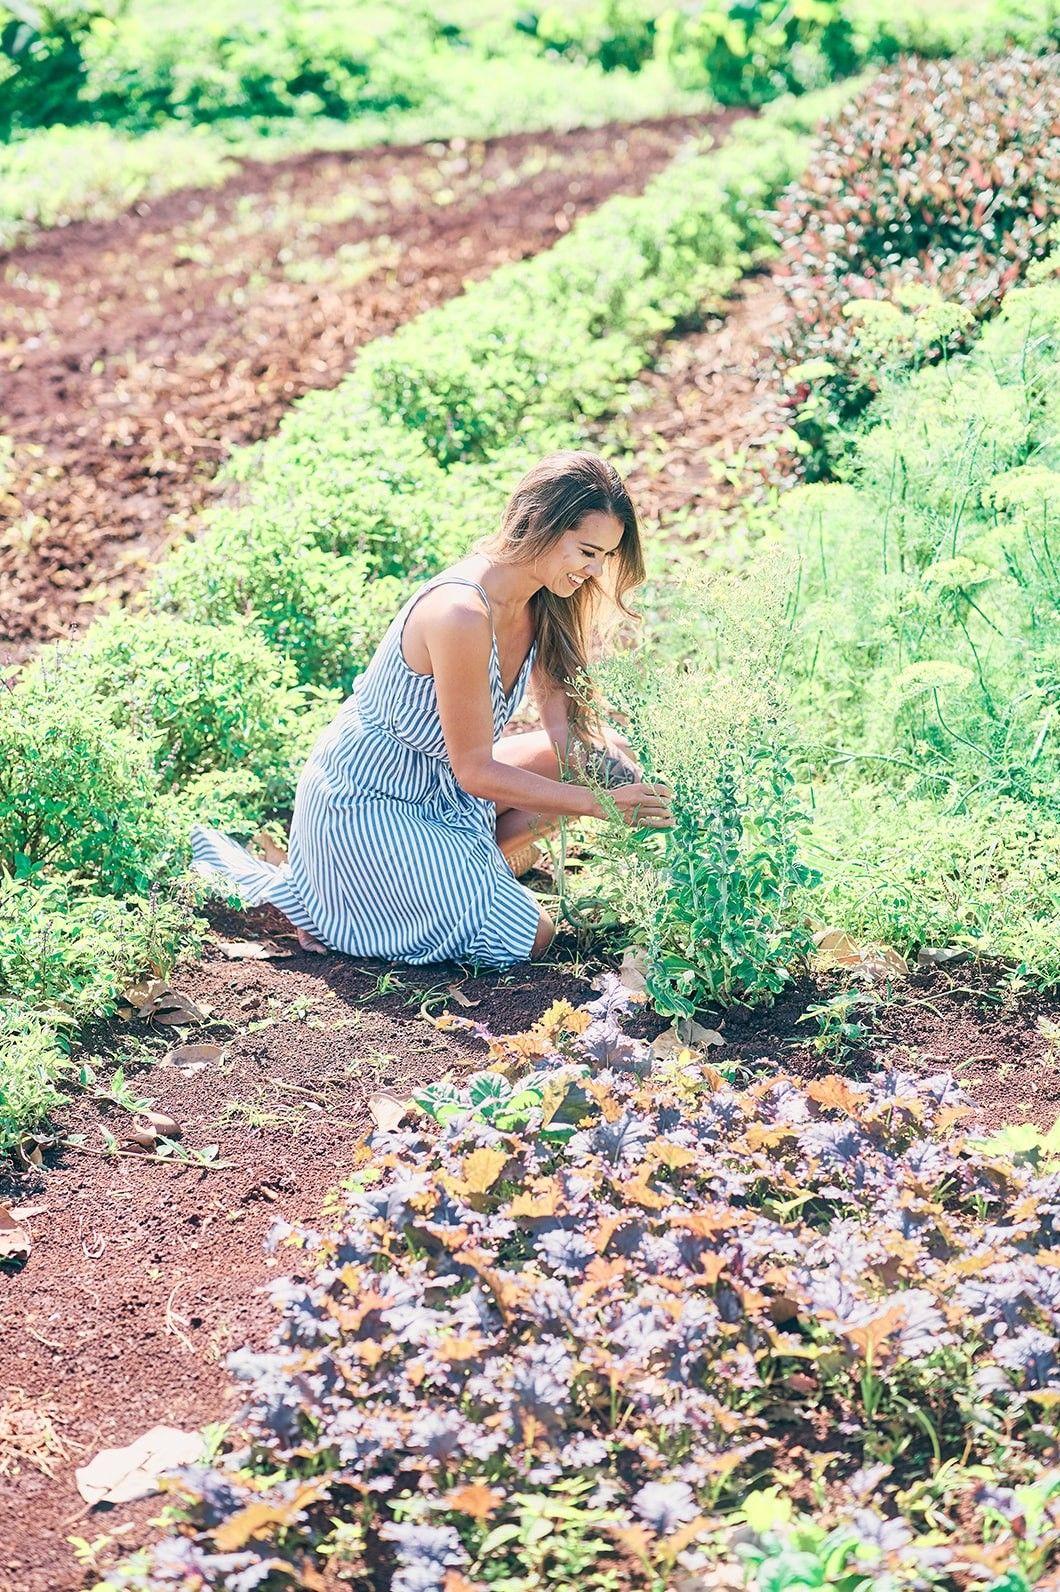 timbers-kauai-farm-photography-afewgoodclicks 23_websize